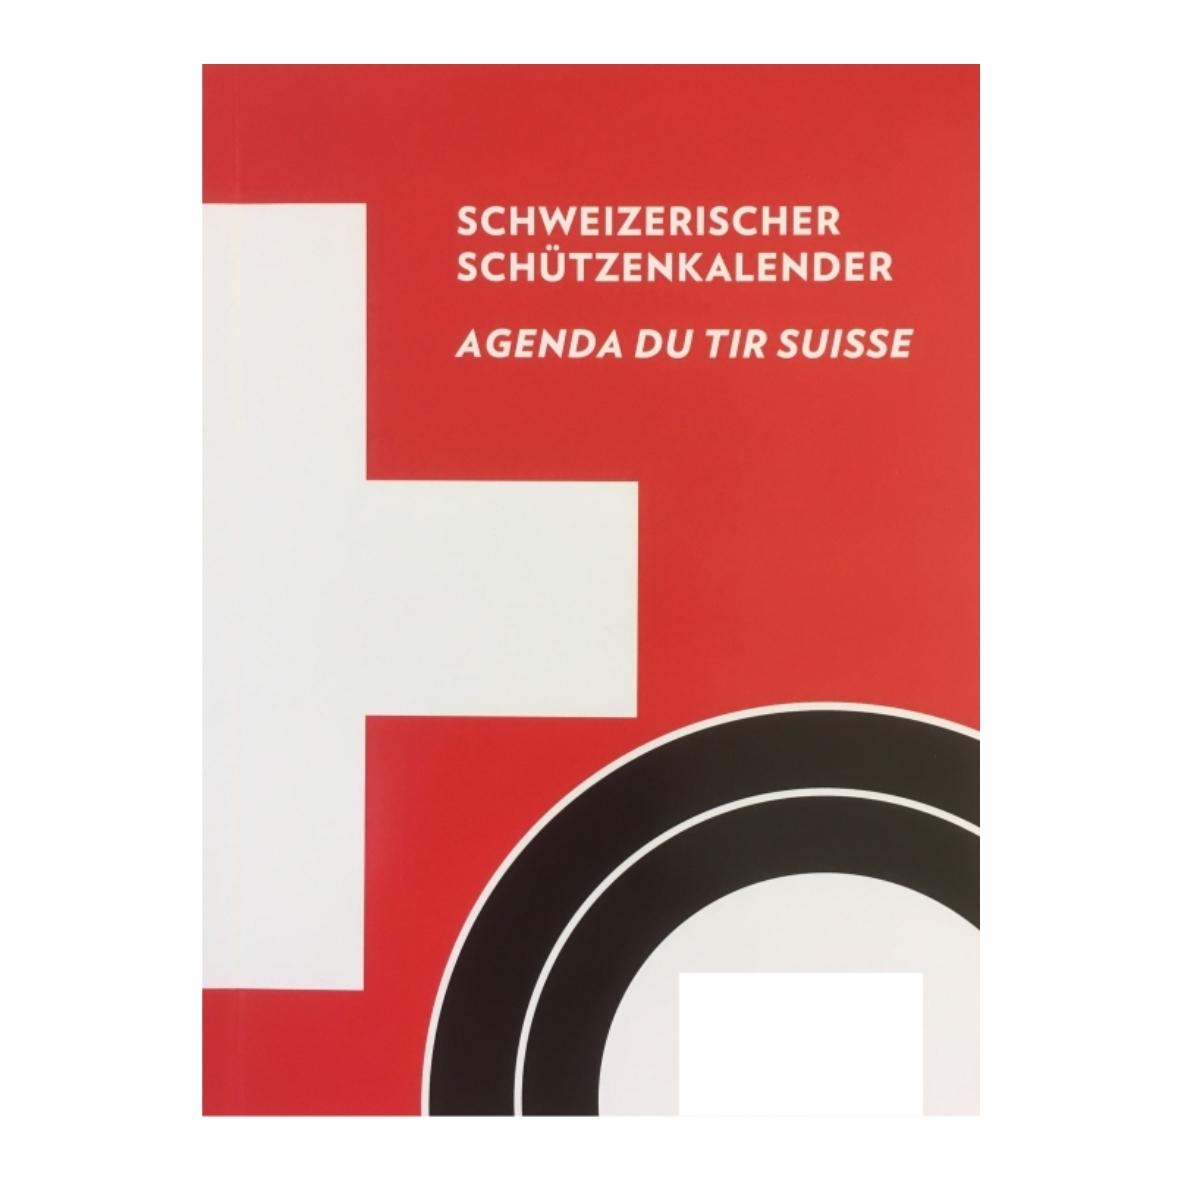 Agenda du tir suisse